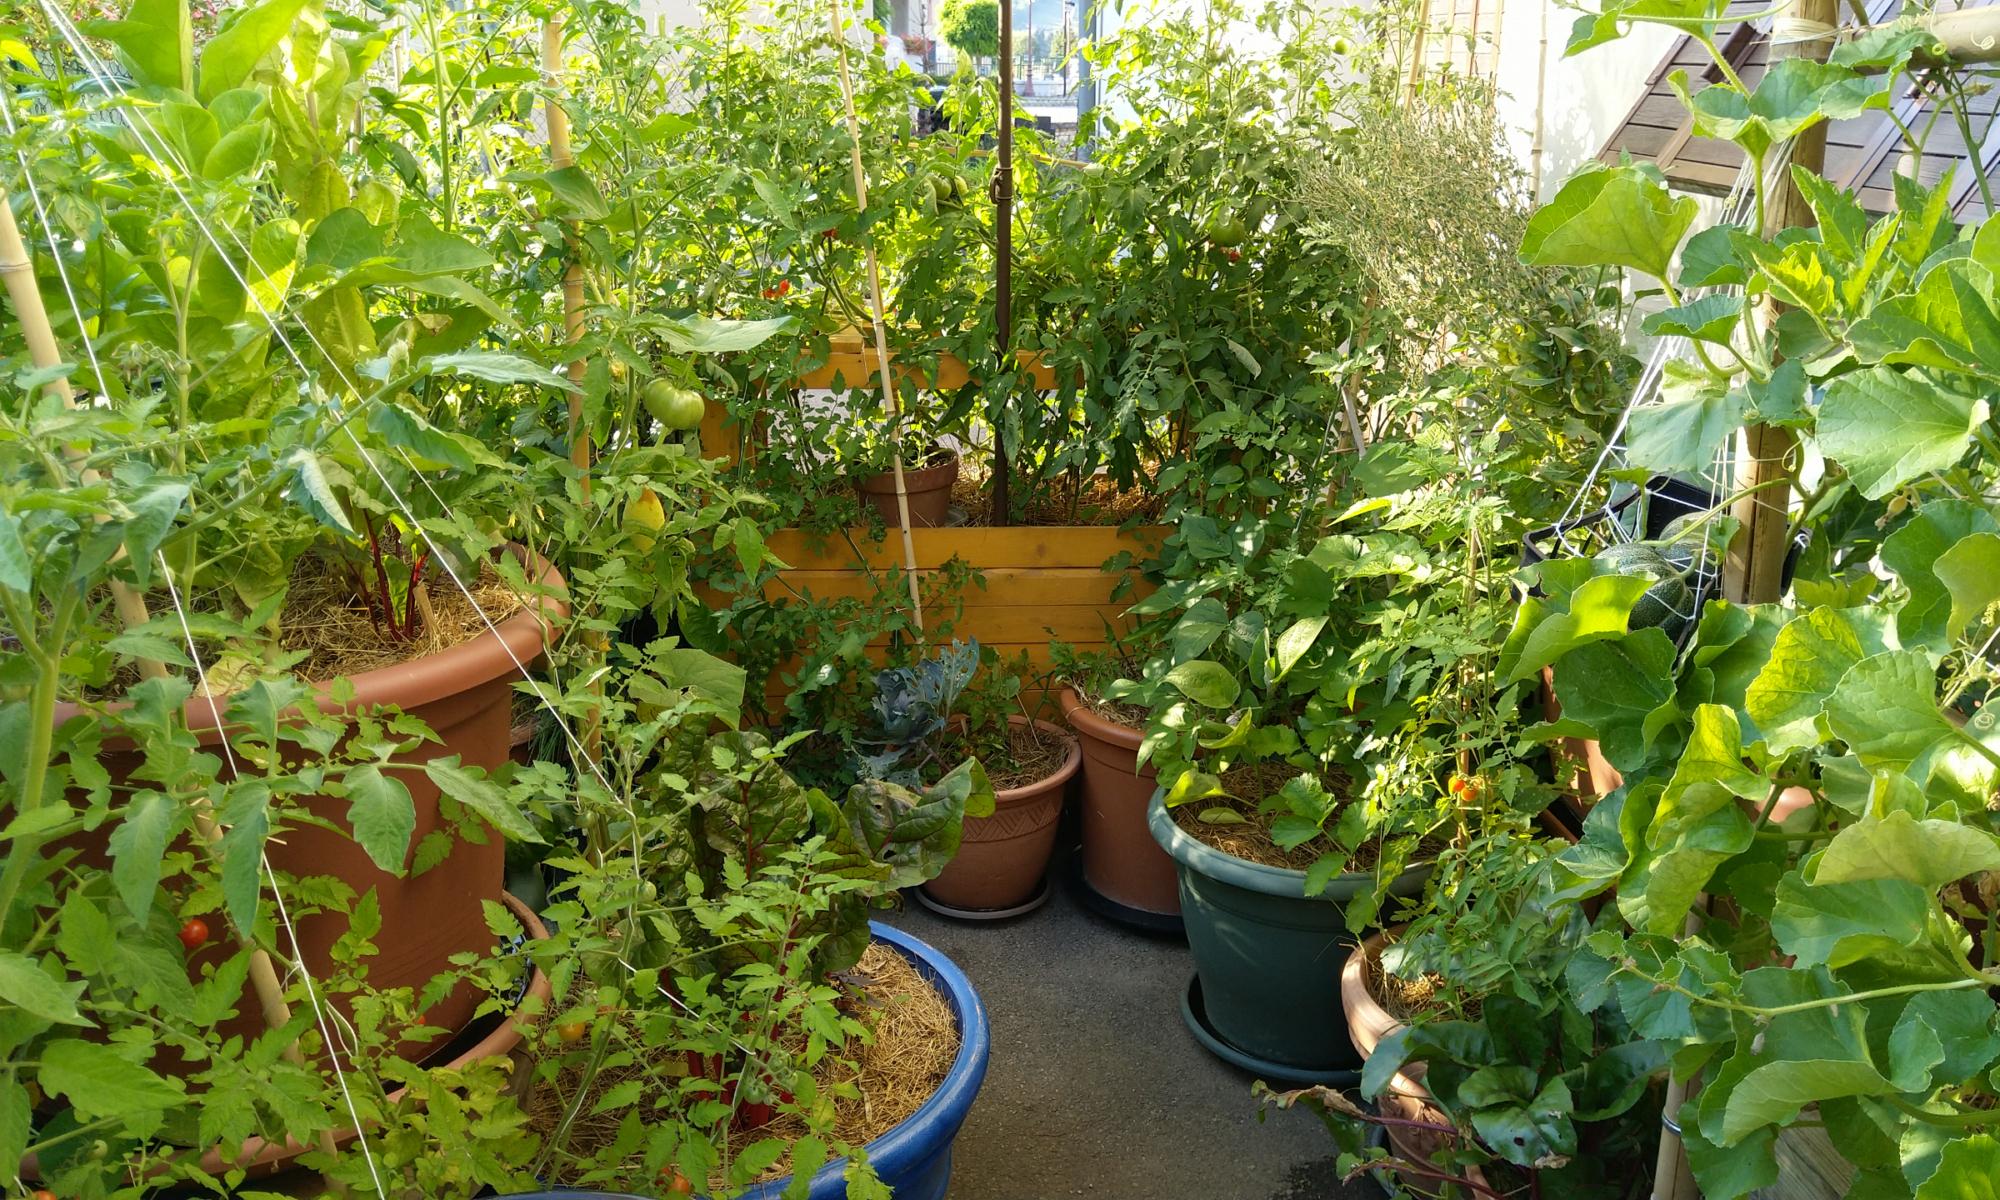 S'inspirer De La Permaculture Pour Faire Un Potager Sur Son ... encequiconcerne Faire Un Jardin Sur Son Balcon